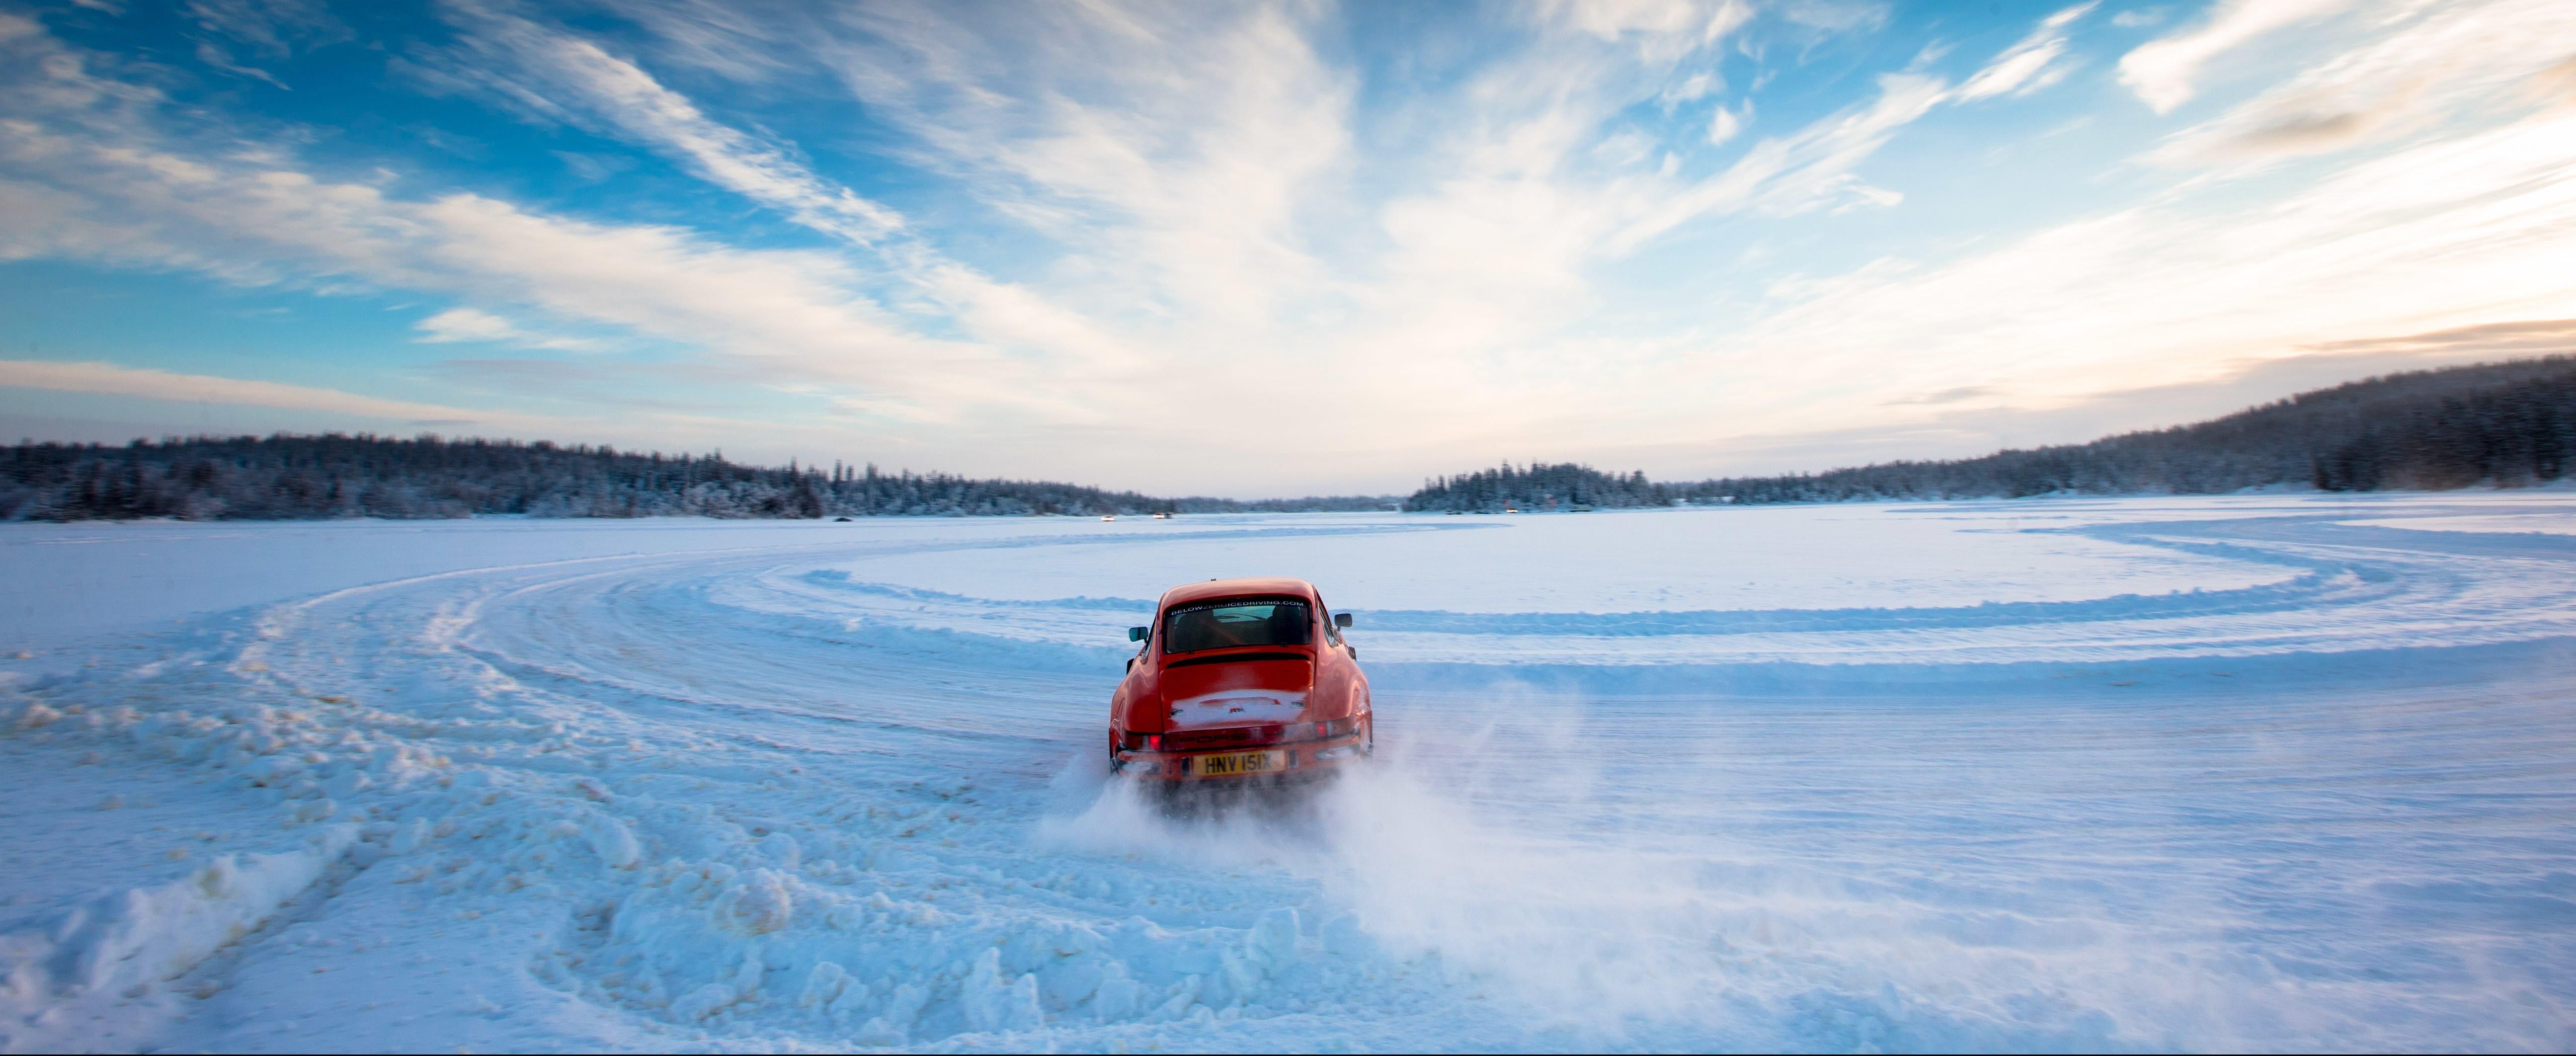 Extreme travel – driving a Porsche 911 on a frozen lake